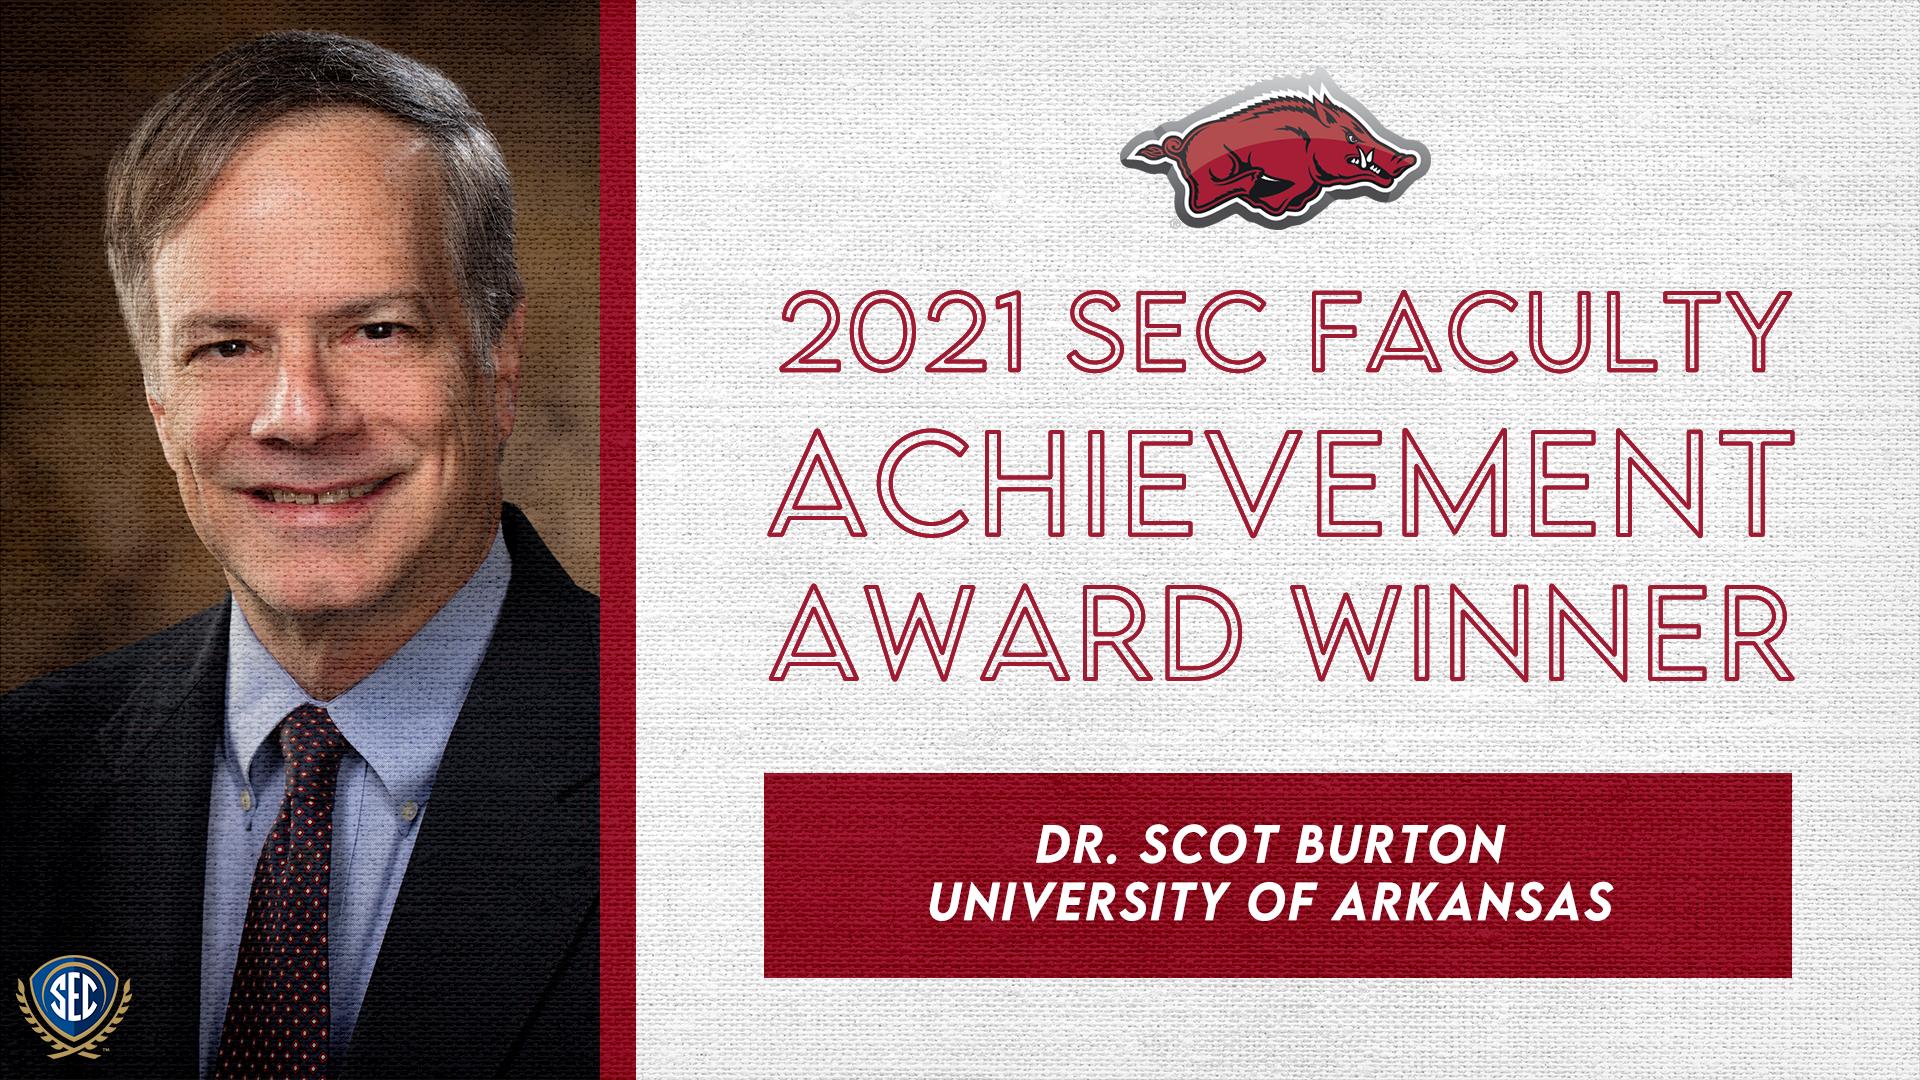 SEC Announces Dr. Scot Burton Wins 2021 Faculty Achievement Award for University of Arkansas